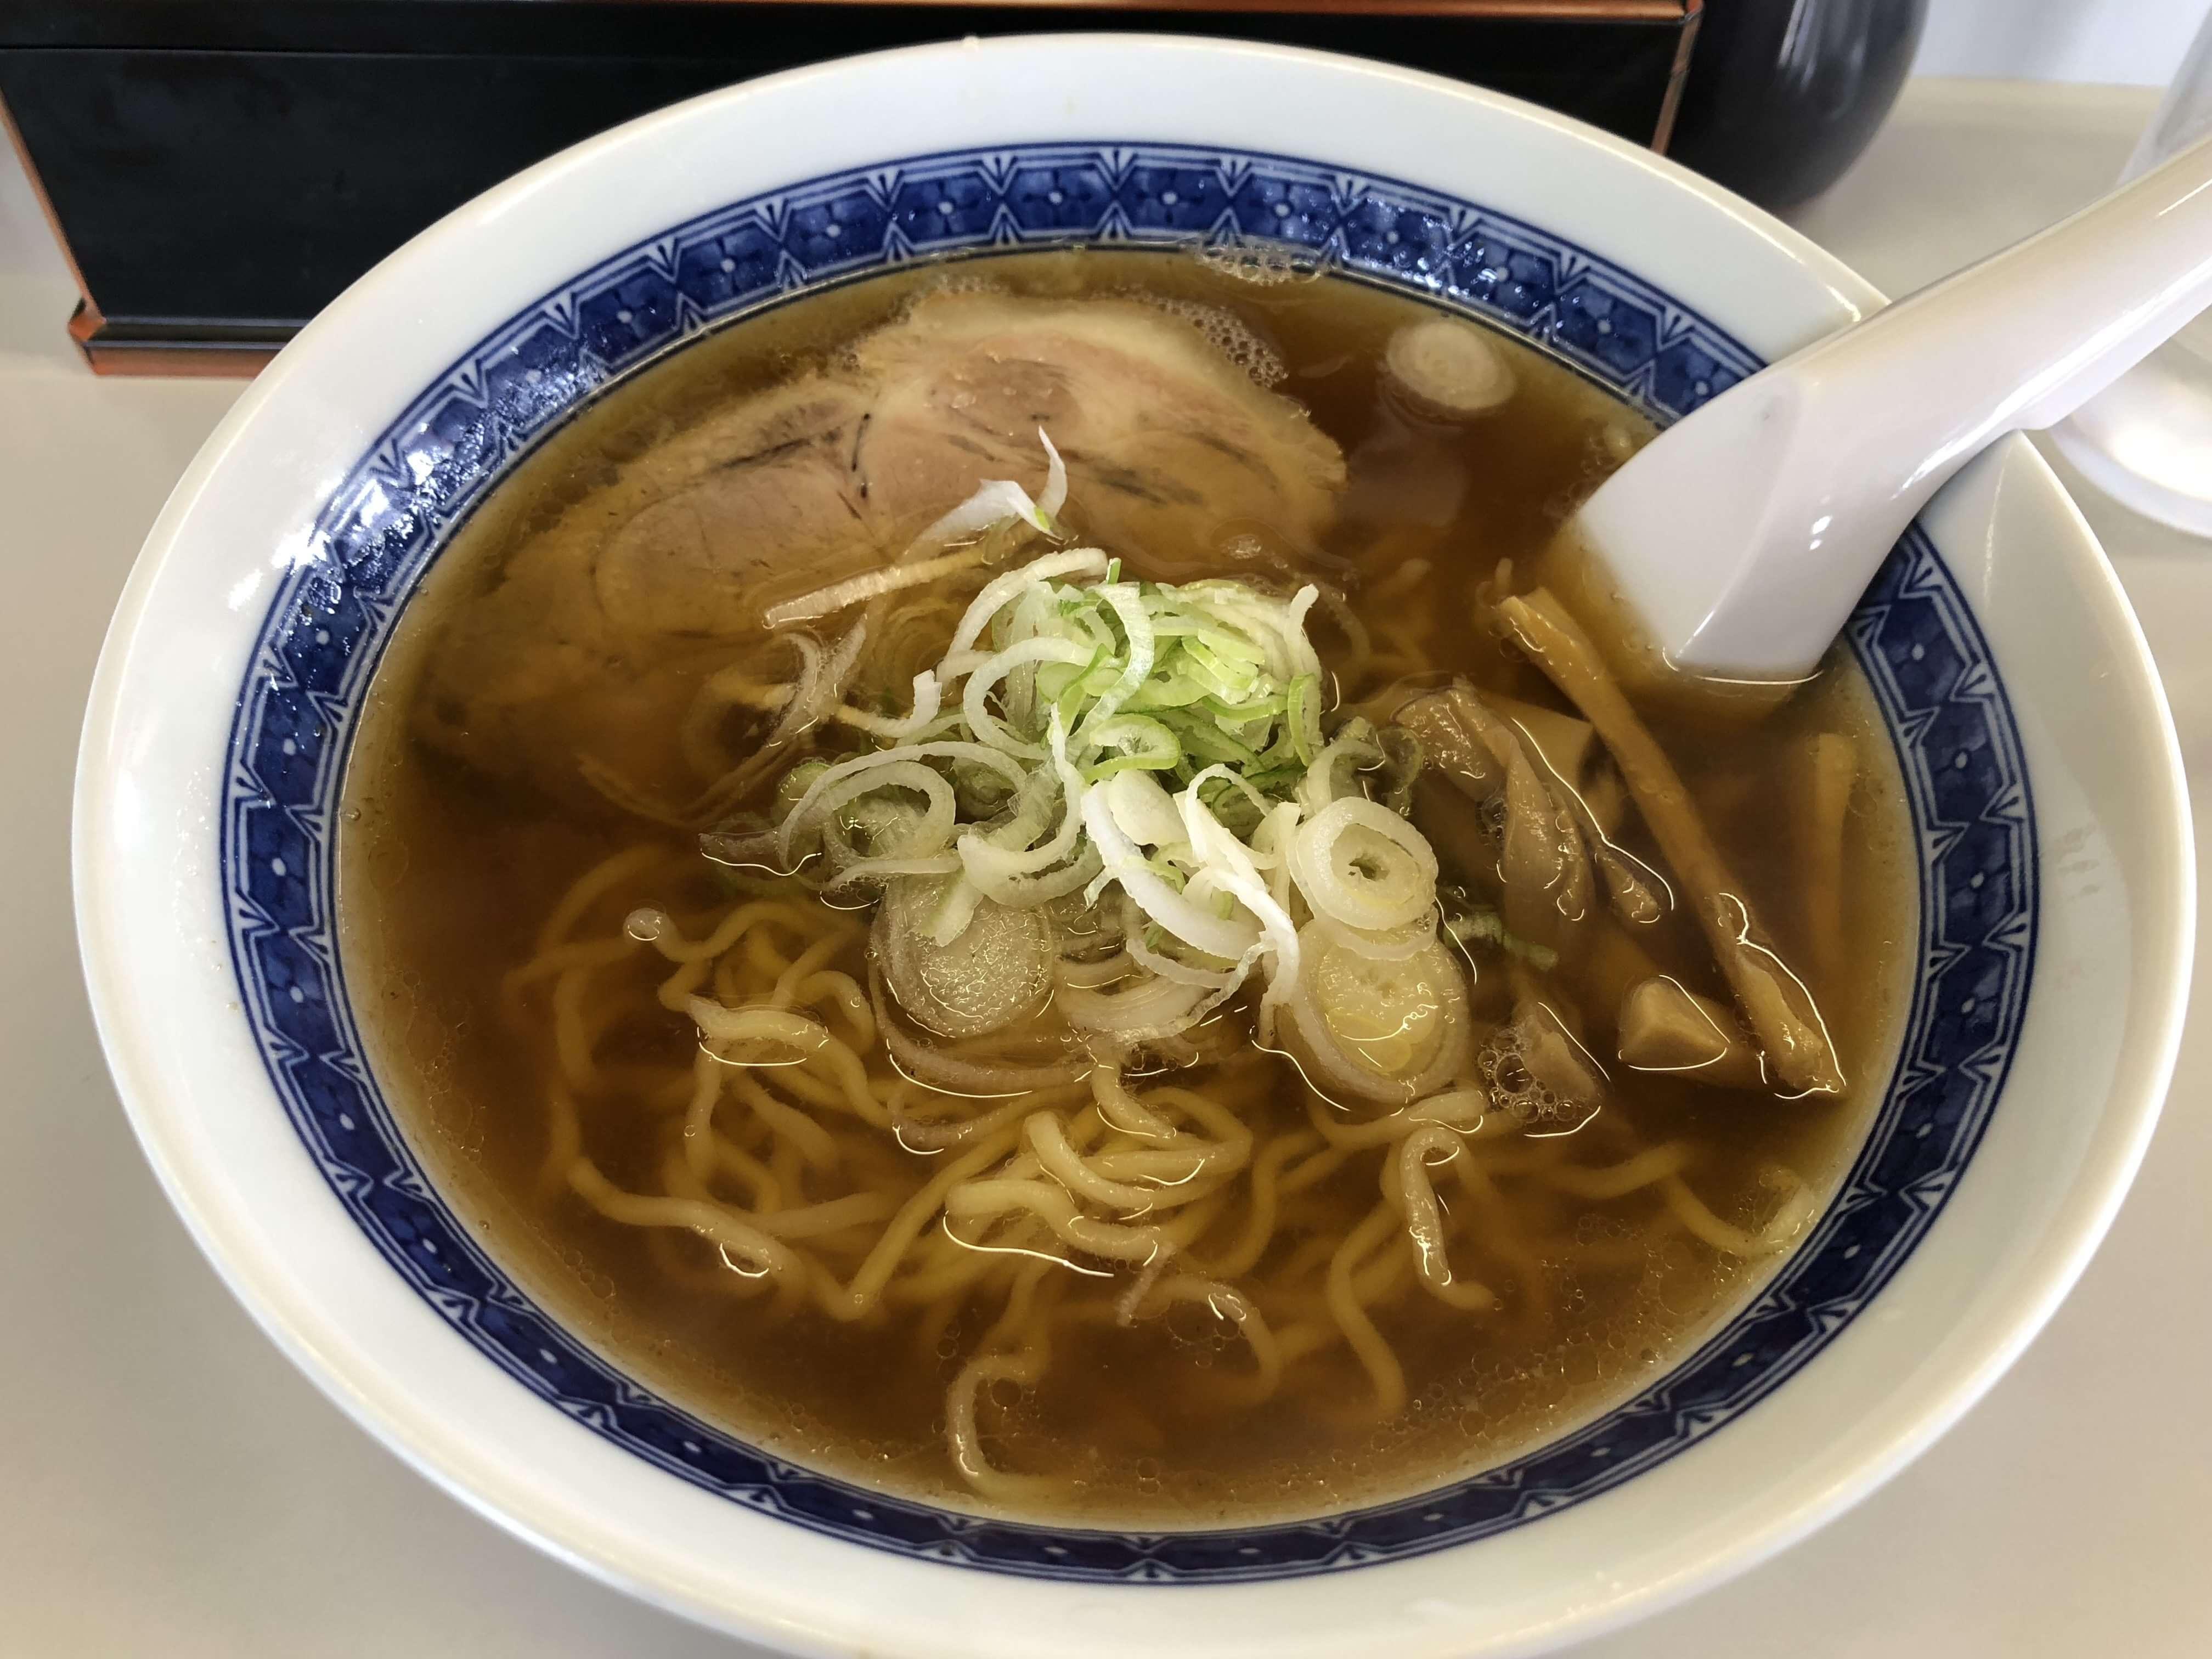 「 中華そば もきち 」澄んだスープが印象的なあっさり醤油ラーメン